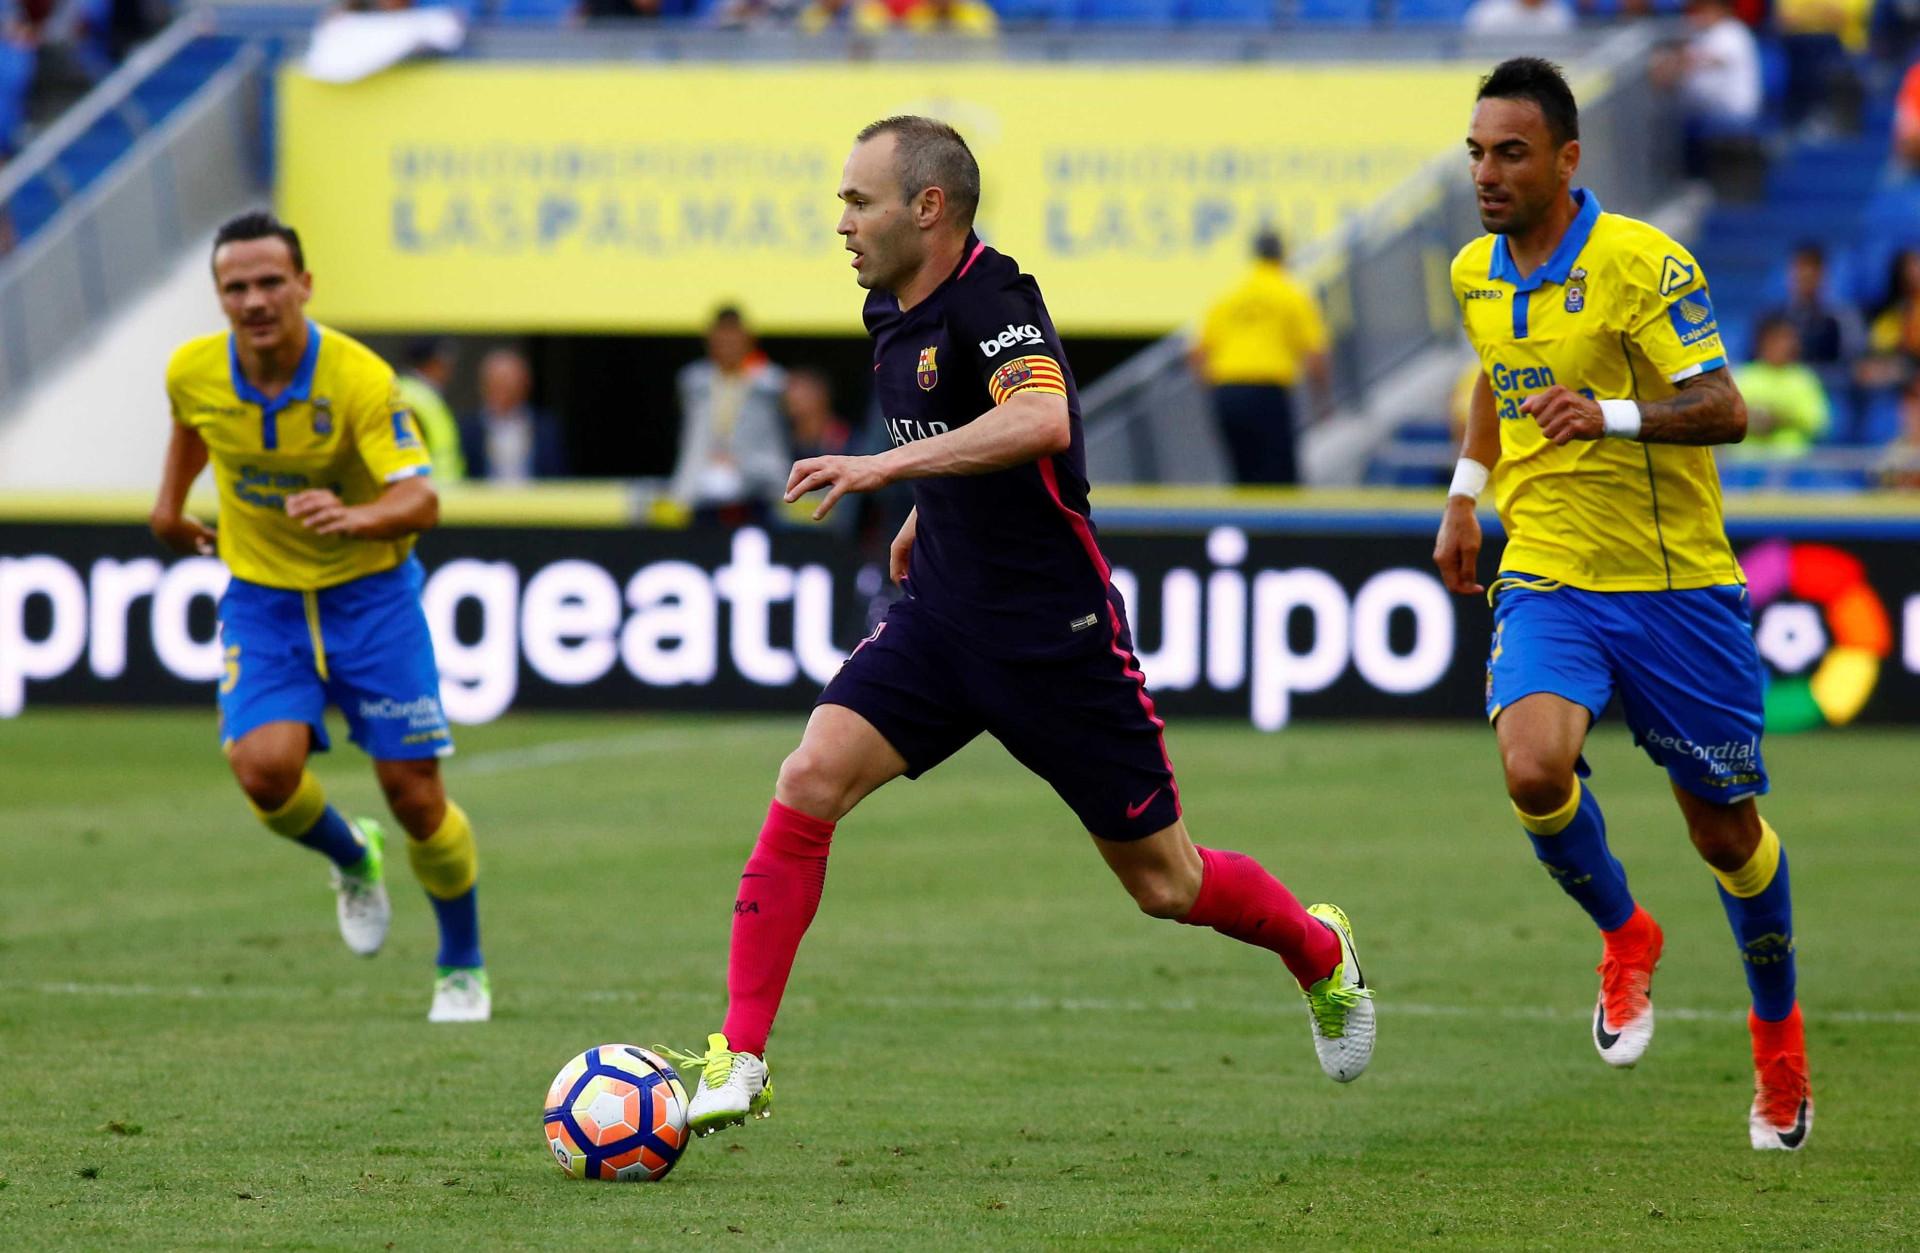 Os cinco jogadores que formam o futebolista ideal de Ricardo Quaresma